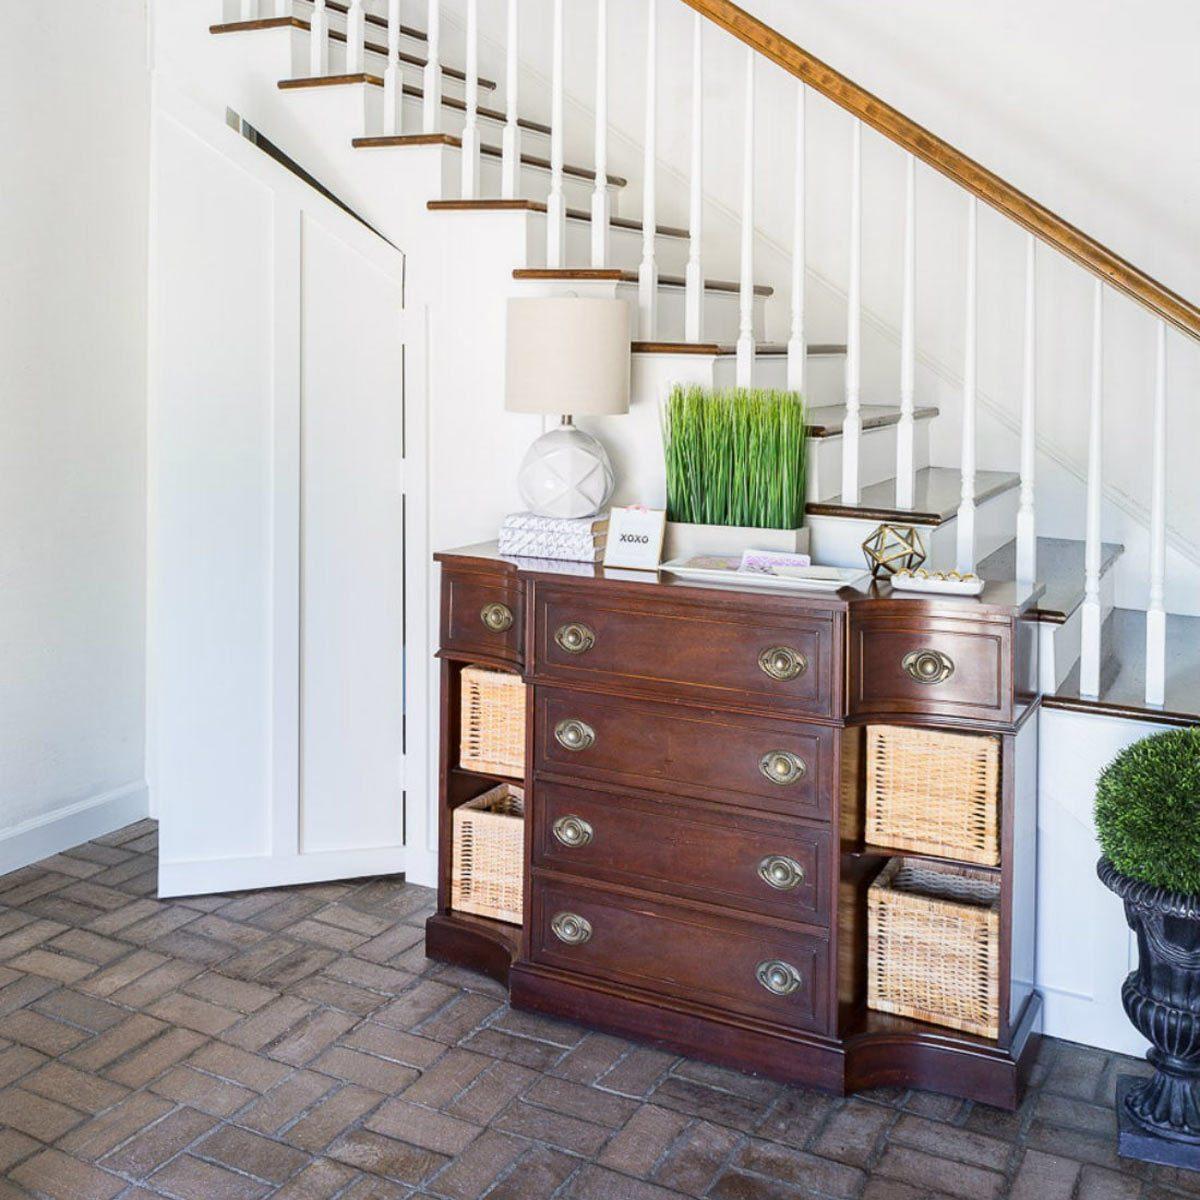 Secret Rooms in Houses: Under Stair Hideaway